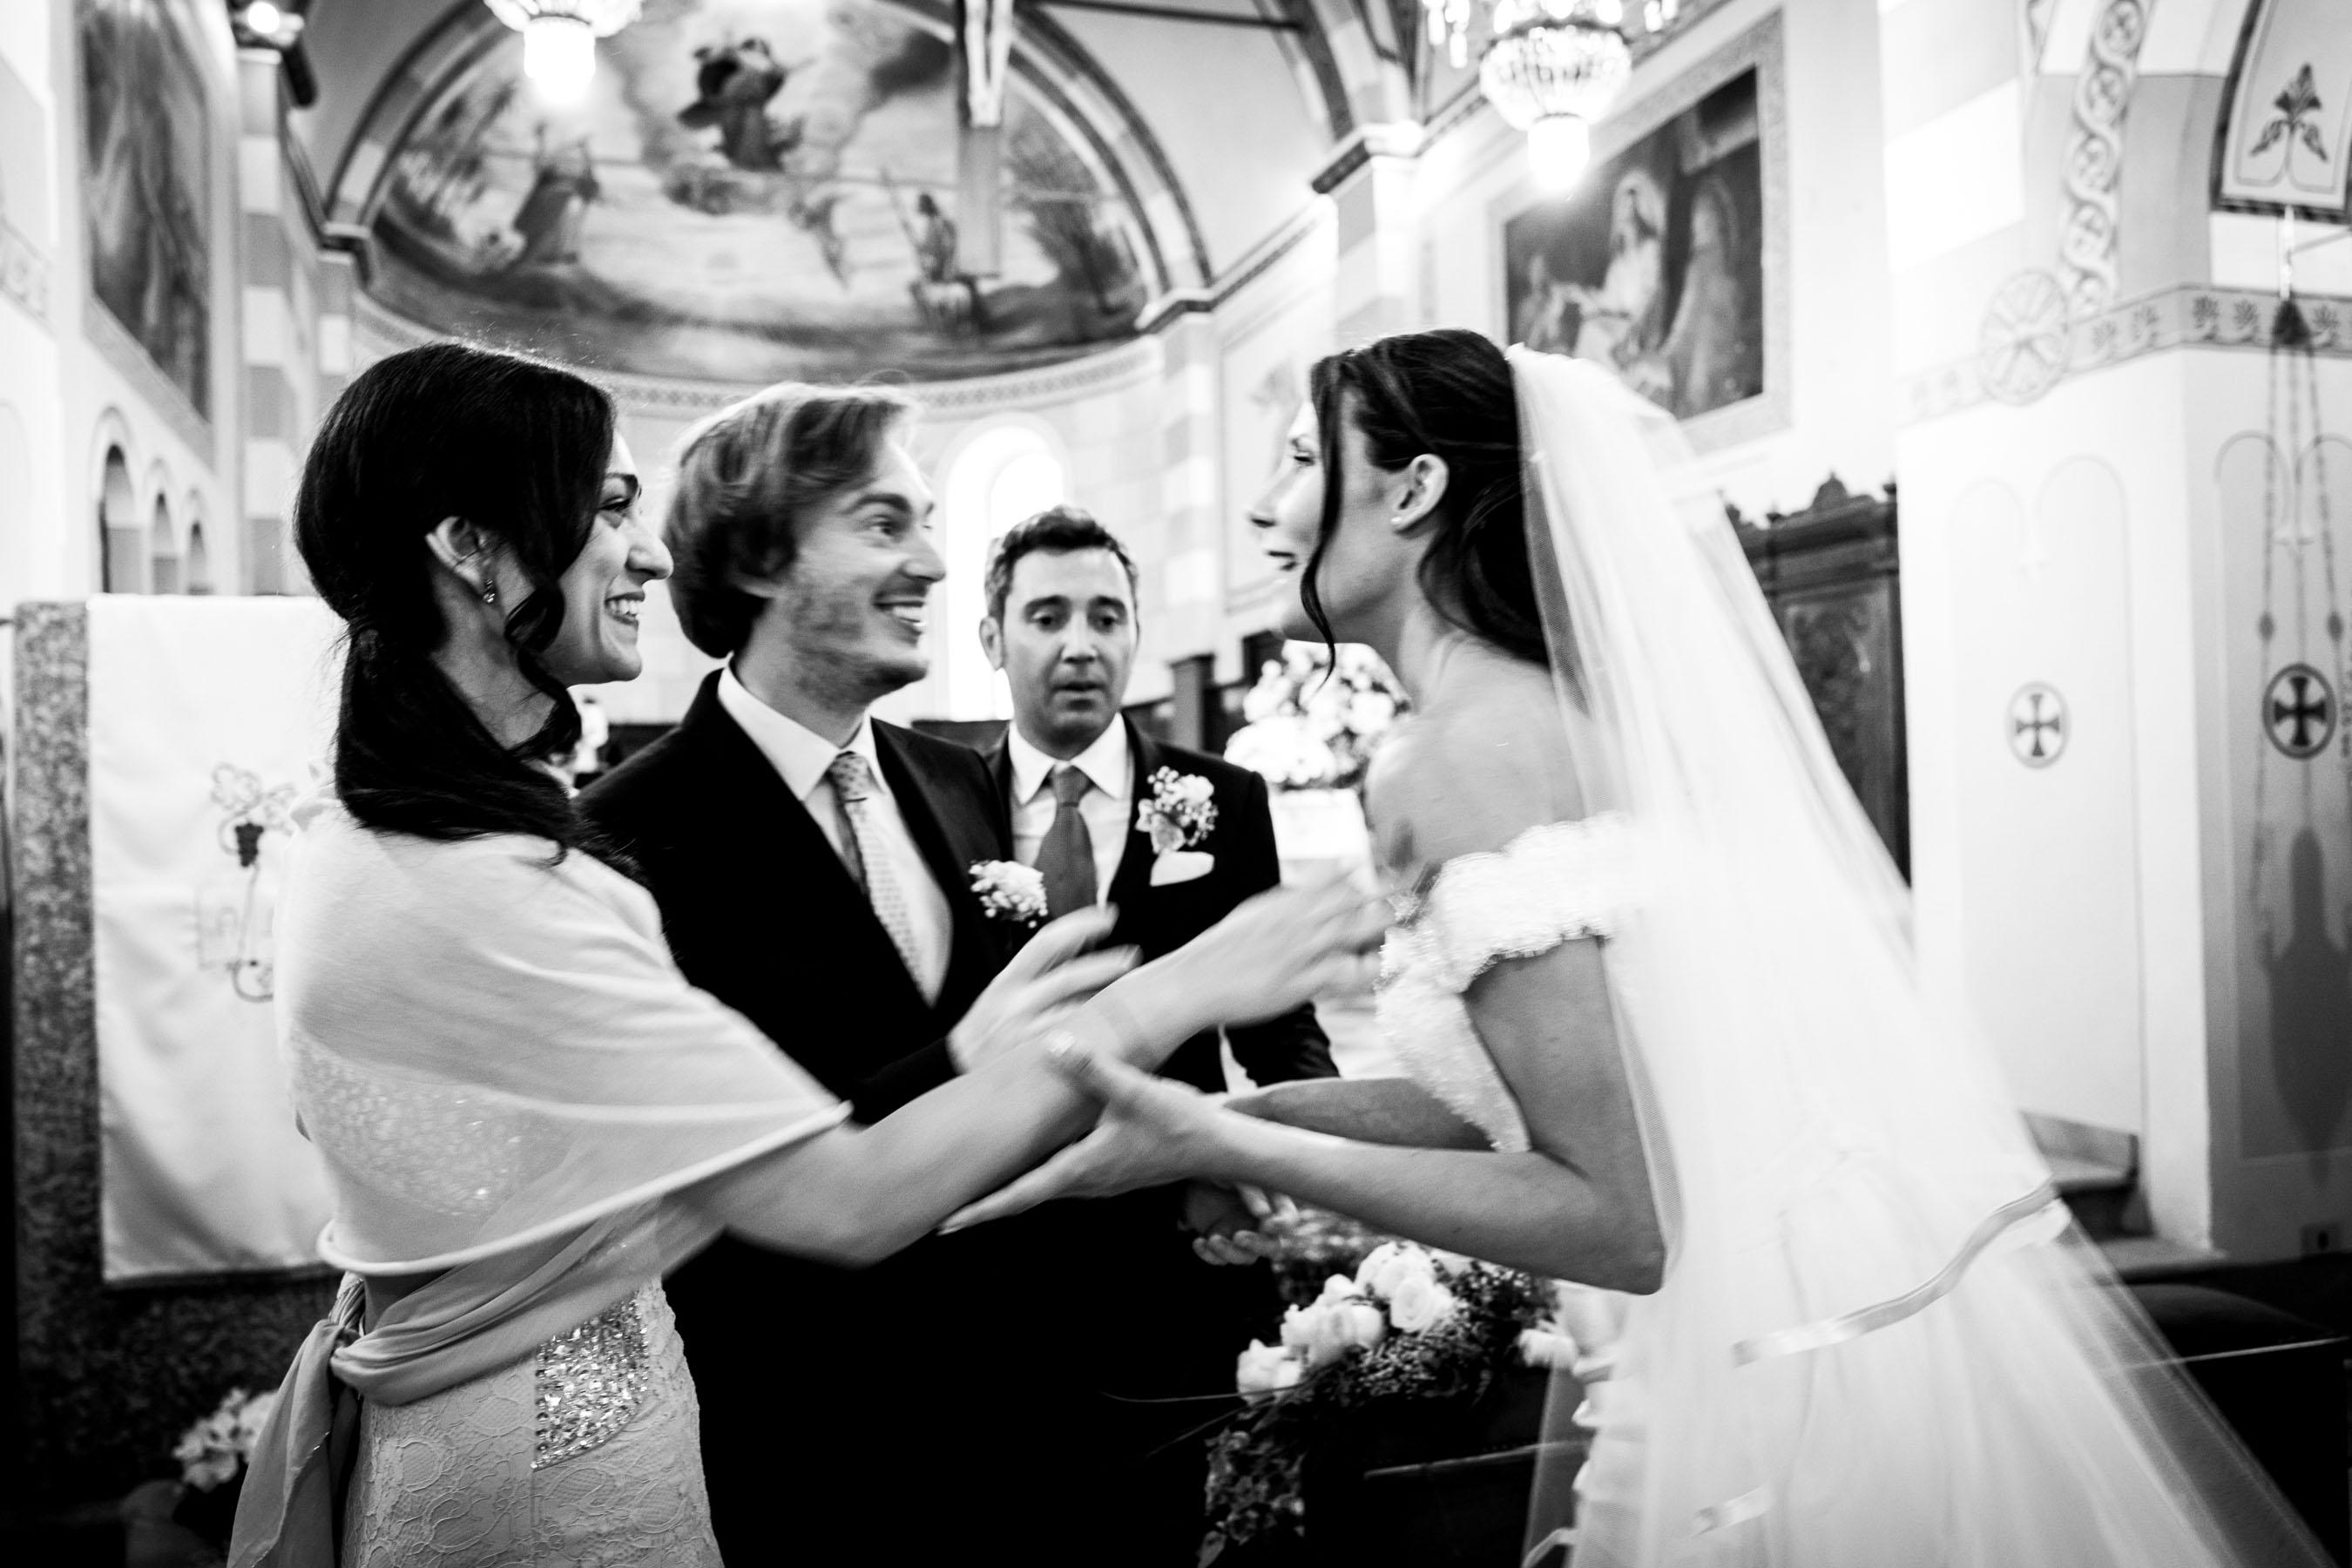 art foto_torino_monica sica photography_la vià _cavour_ fotografo matrimonio_torino-30